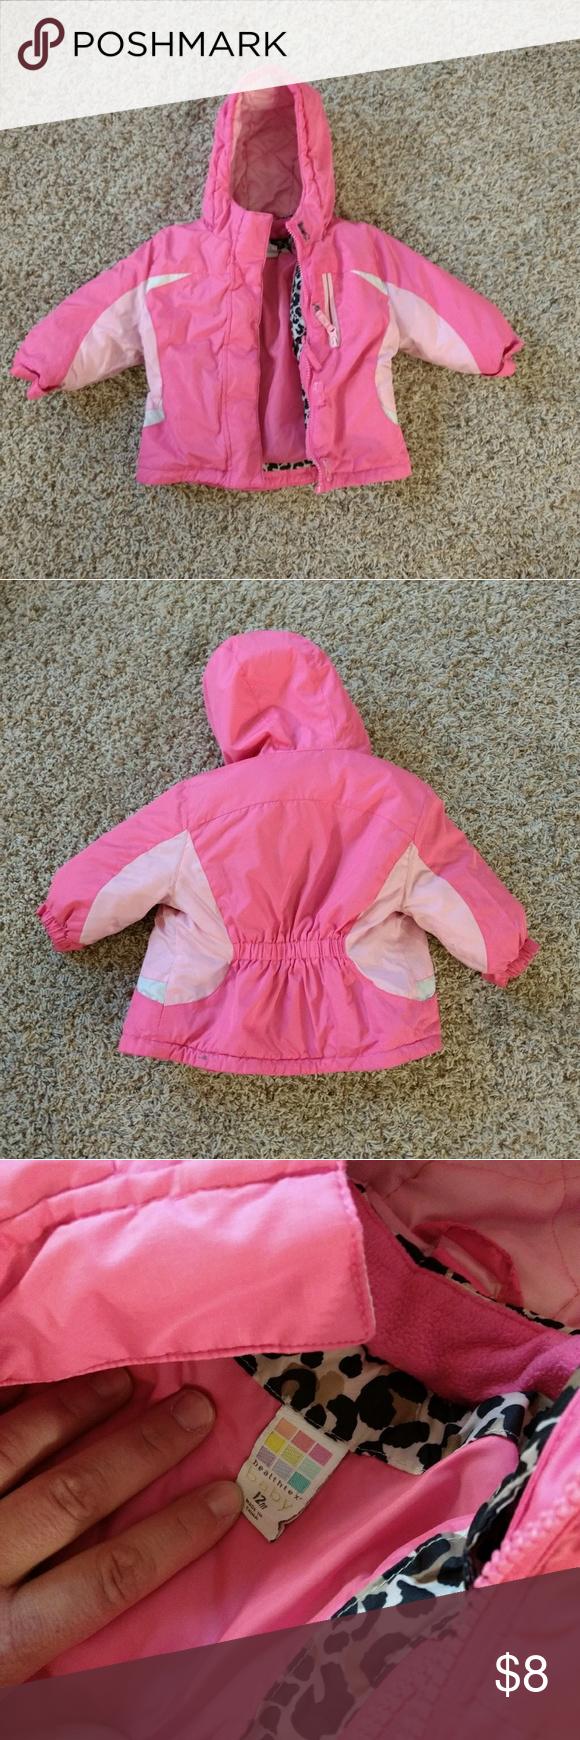 8e58e8da2 2 in 1 pink leopard winter coat 12-18 mths girls in 2018